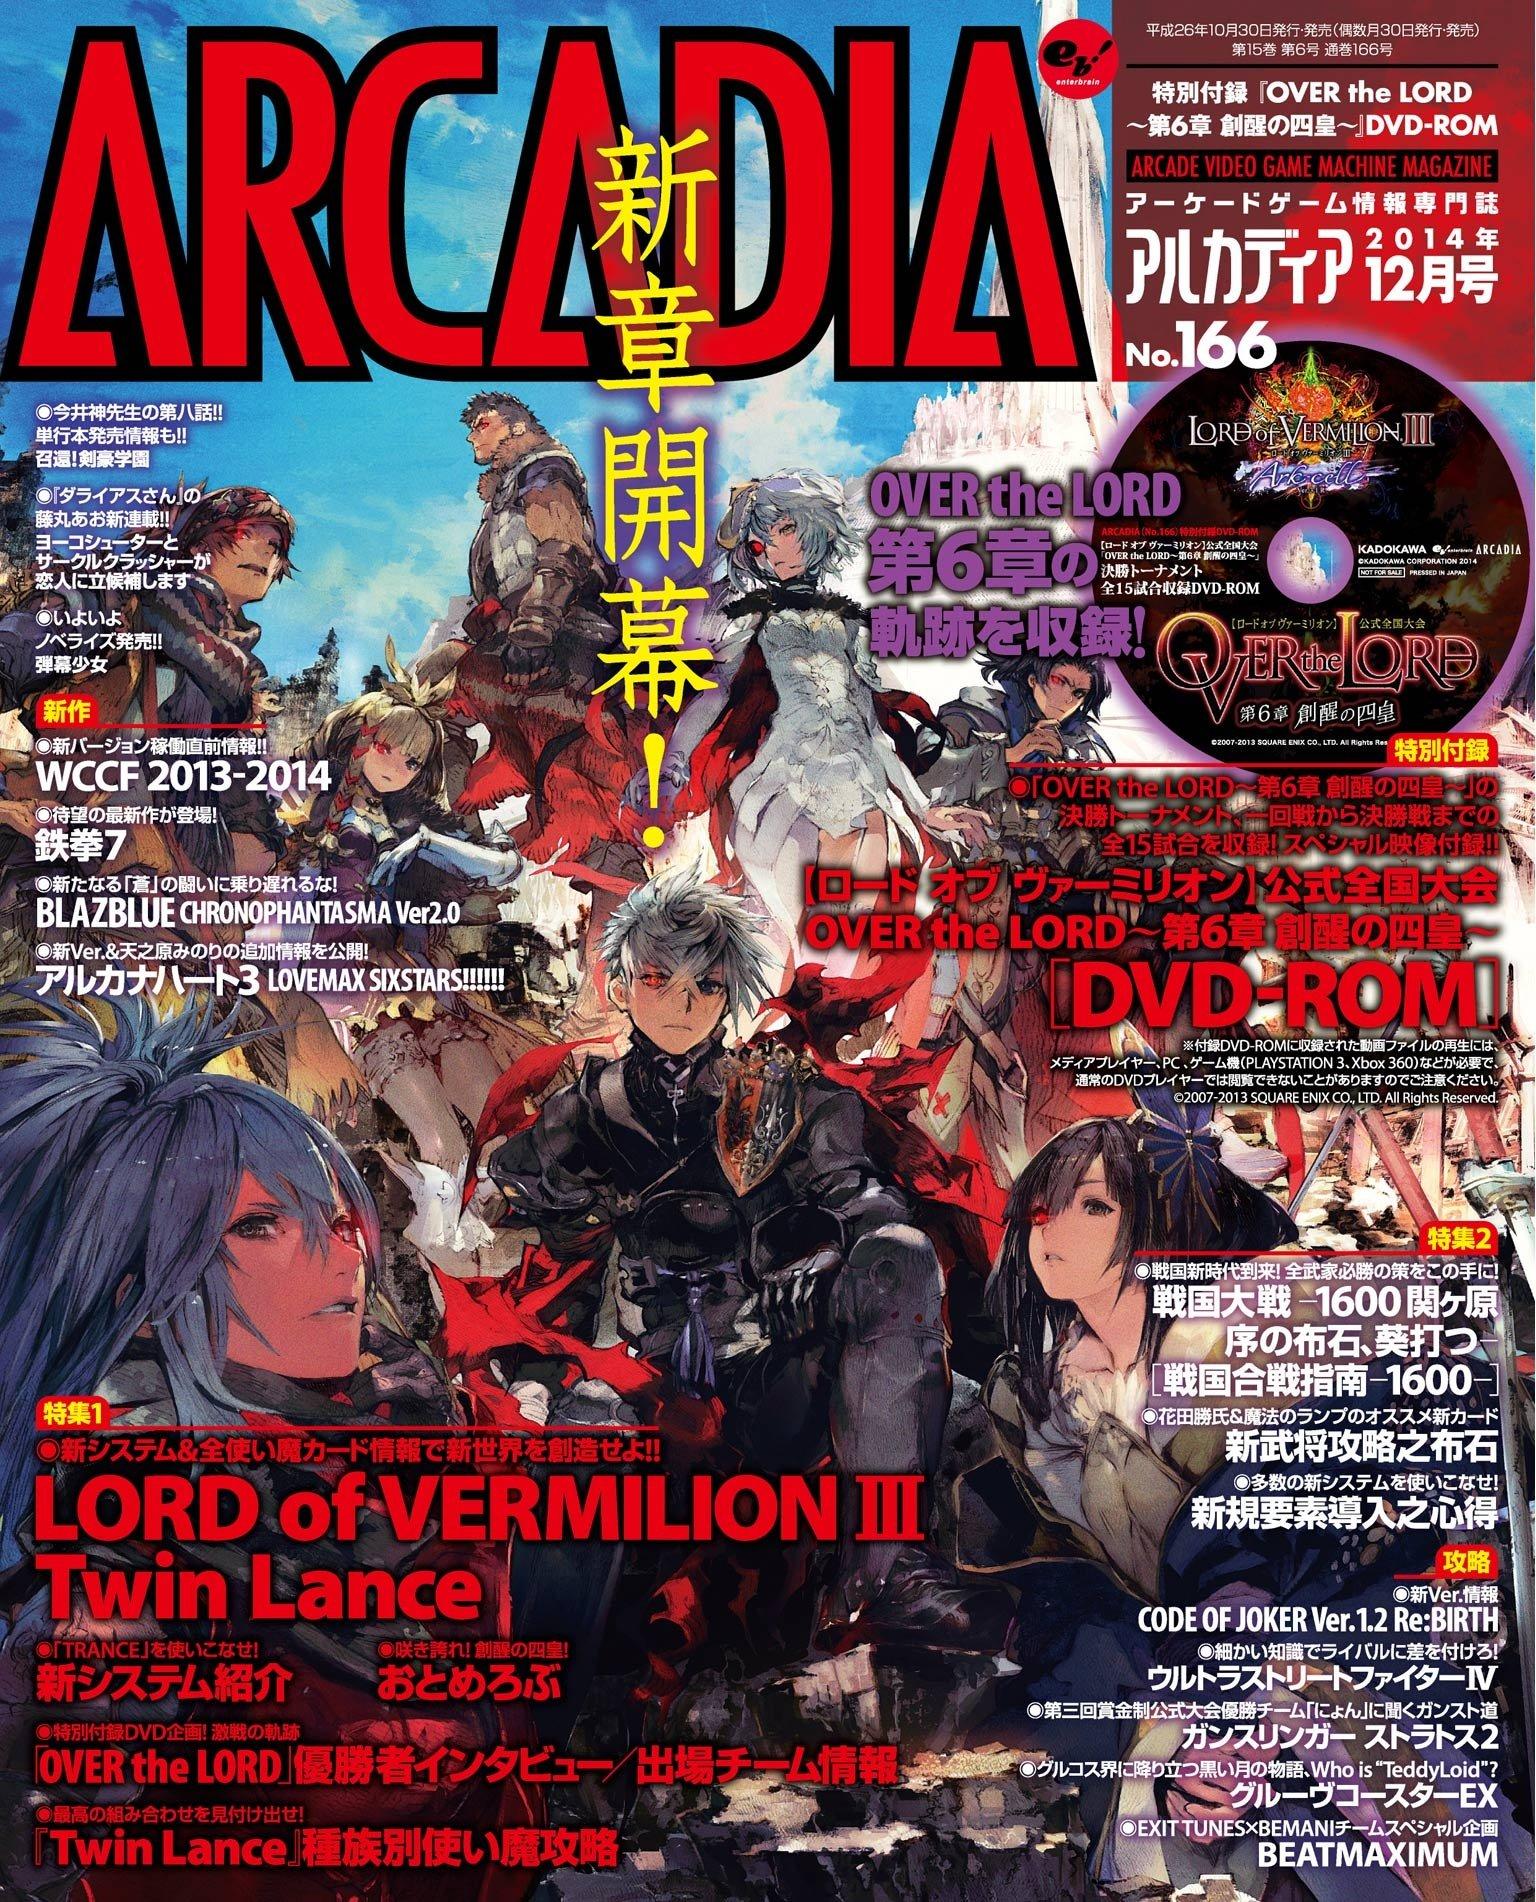 Arcadia Issue 166 (December 2014)